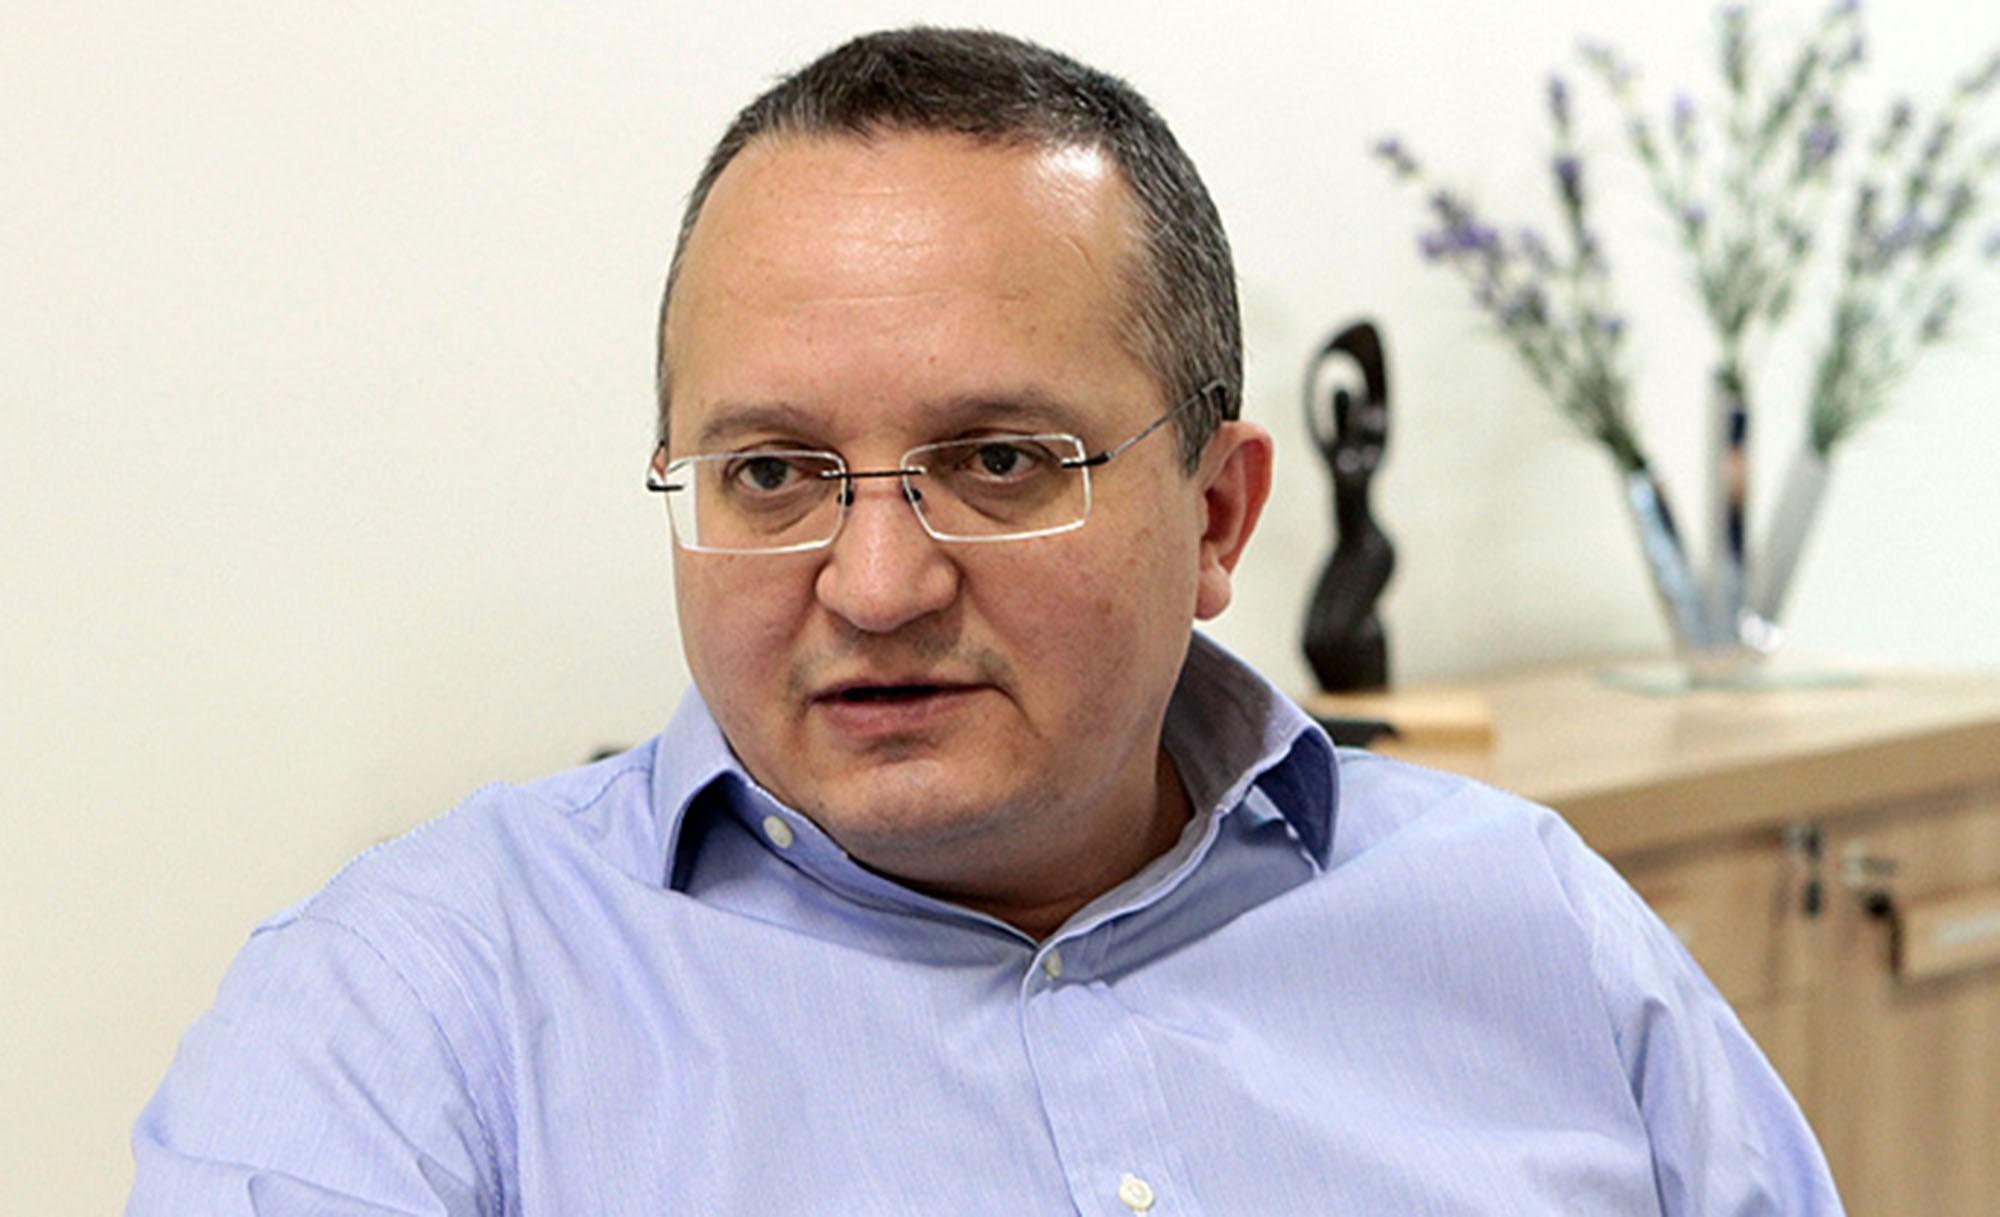 Taques diz que presidente do TCE foi conivente com 'negociatas de venda de vagas'